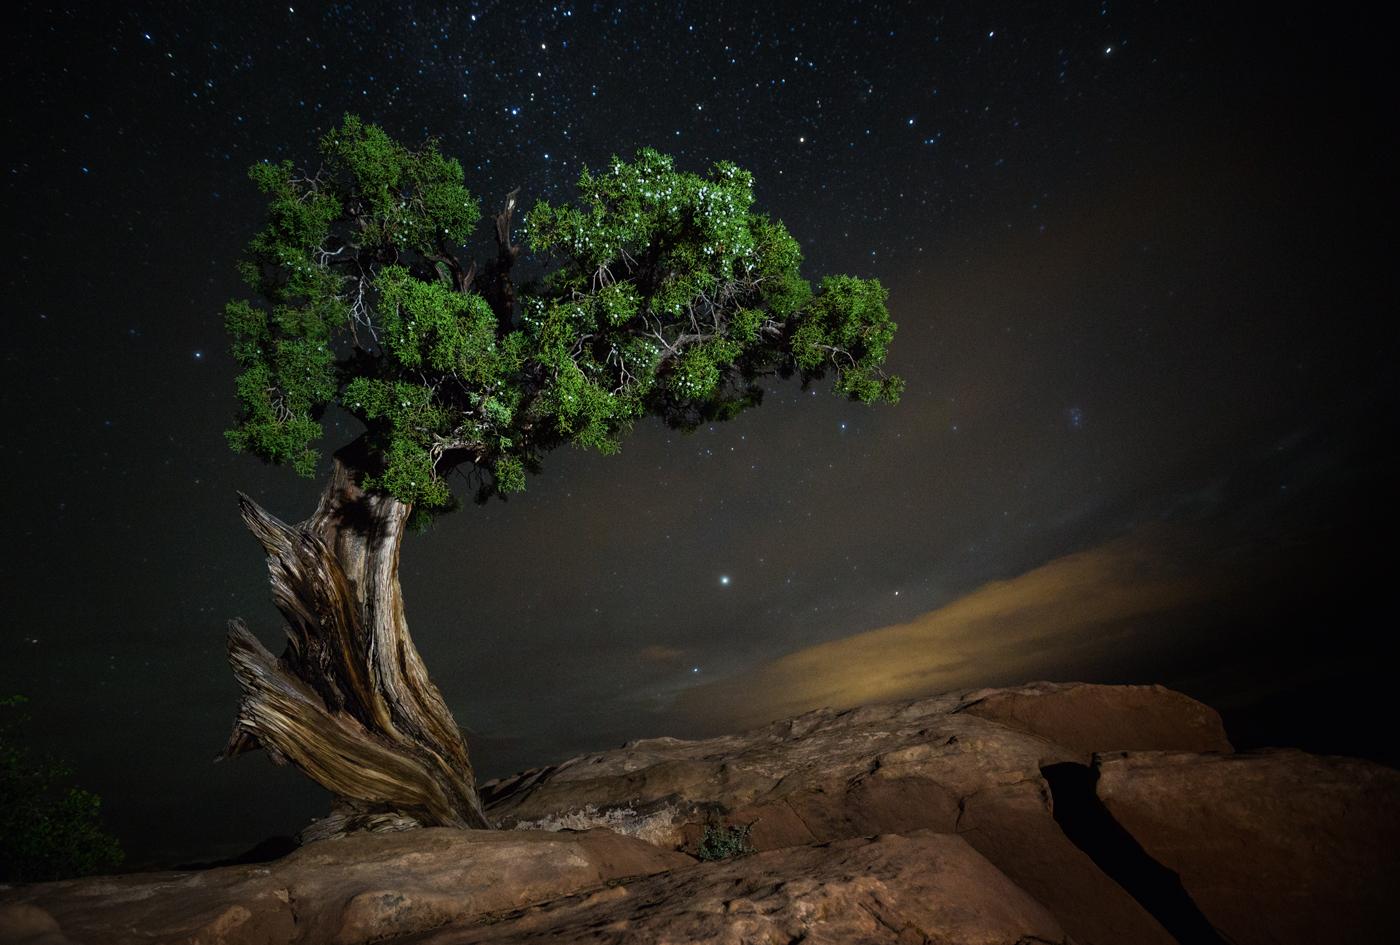 Les plus vieux arbres de la planète  Beth-Moon-vieu-arbre-etoile-01